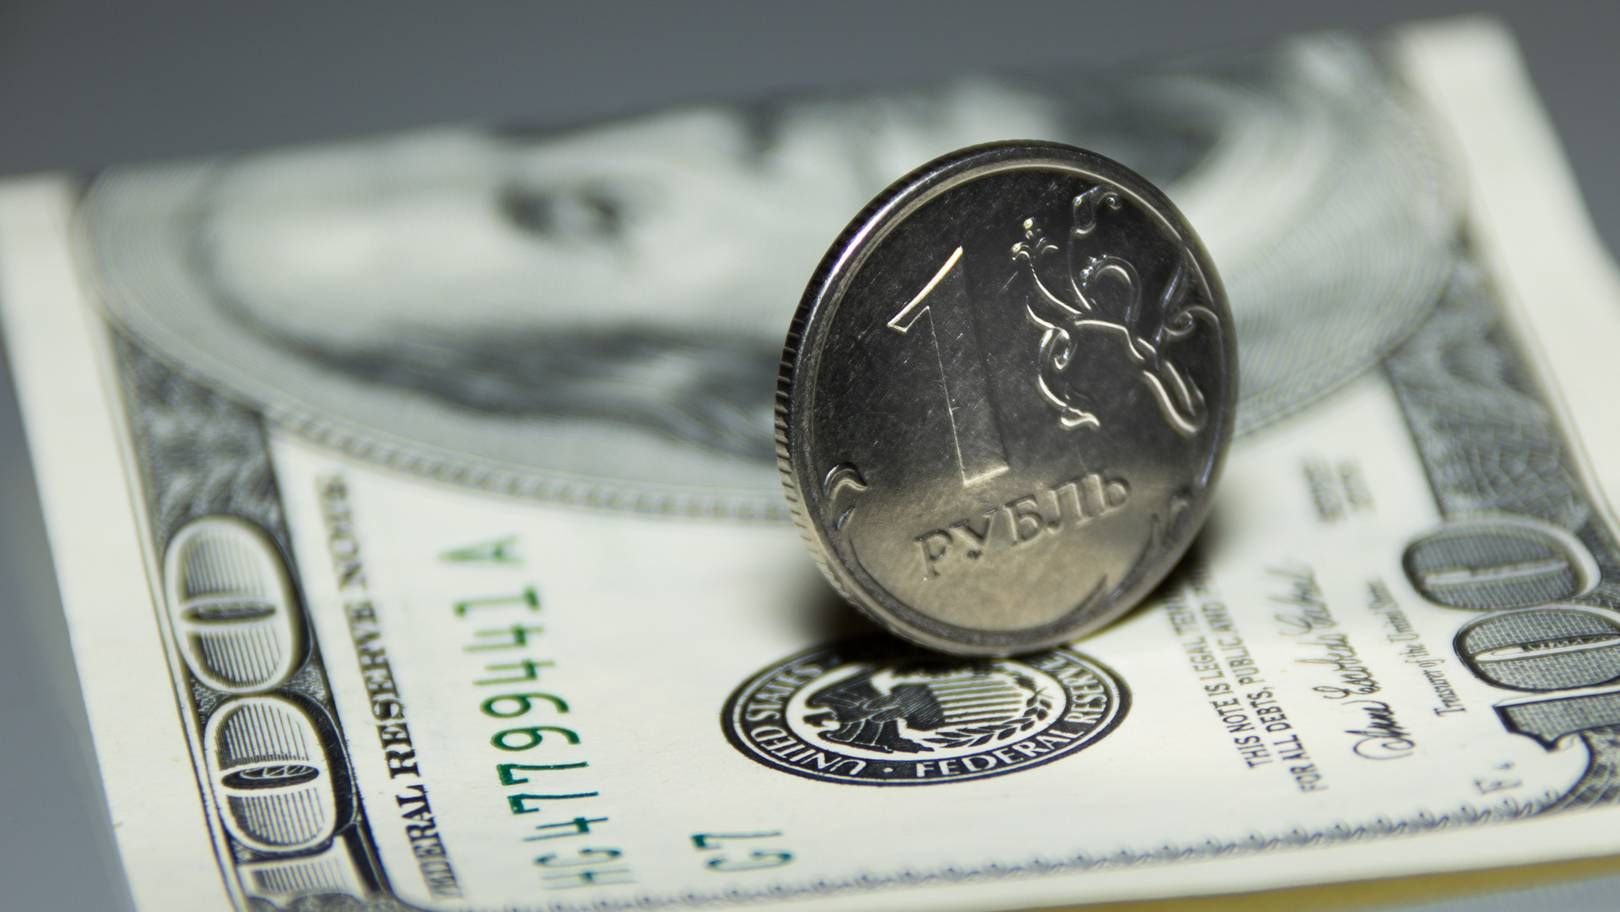 Рубль за год подешевел по отношению к доллару на 17,5 процента